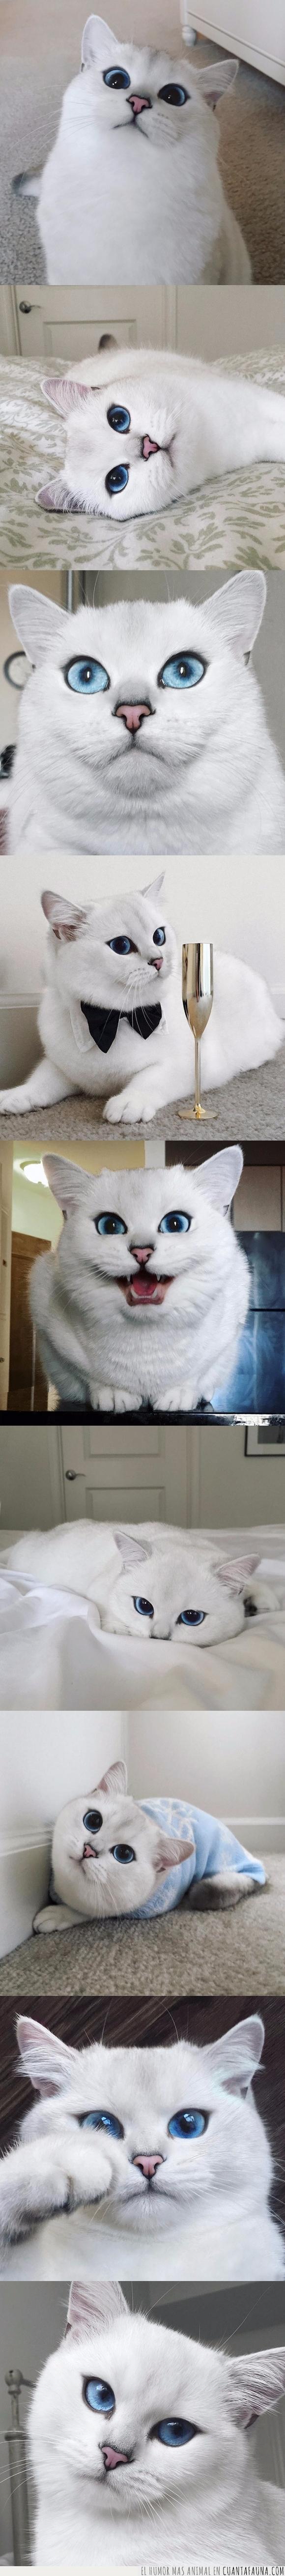 azules,blanco,Coby,gato,ojos